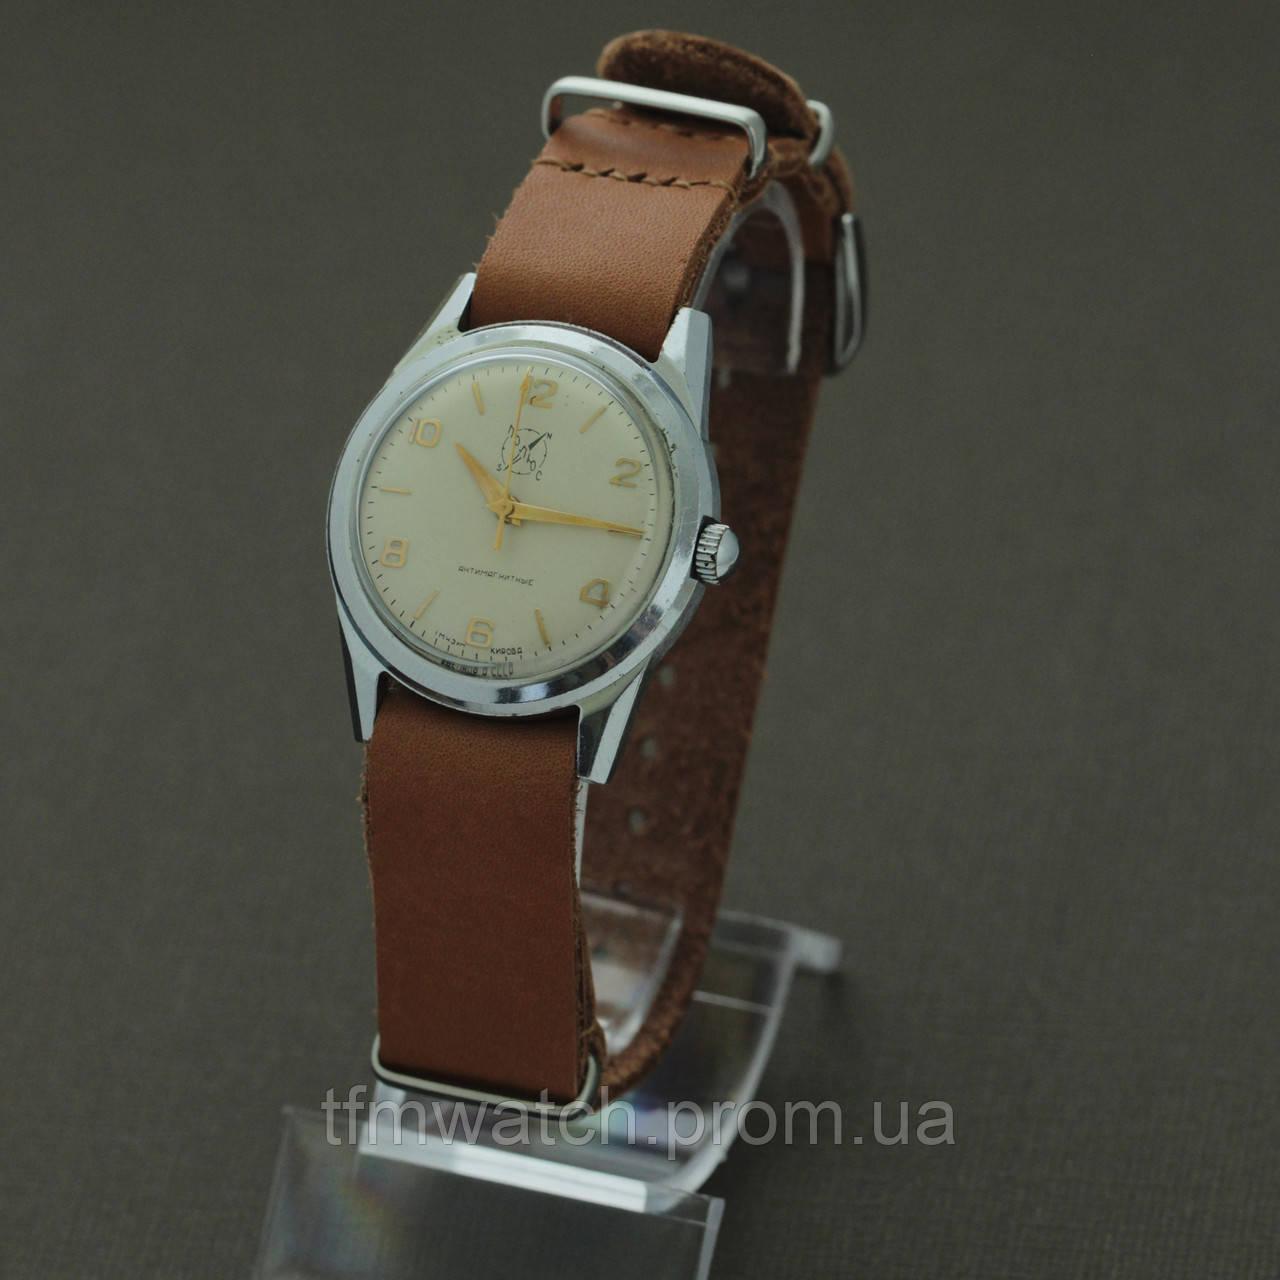 Лом часы продать на образец машино расчет стоимости часа